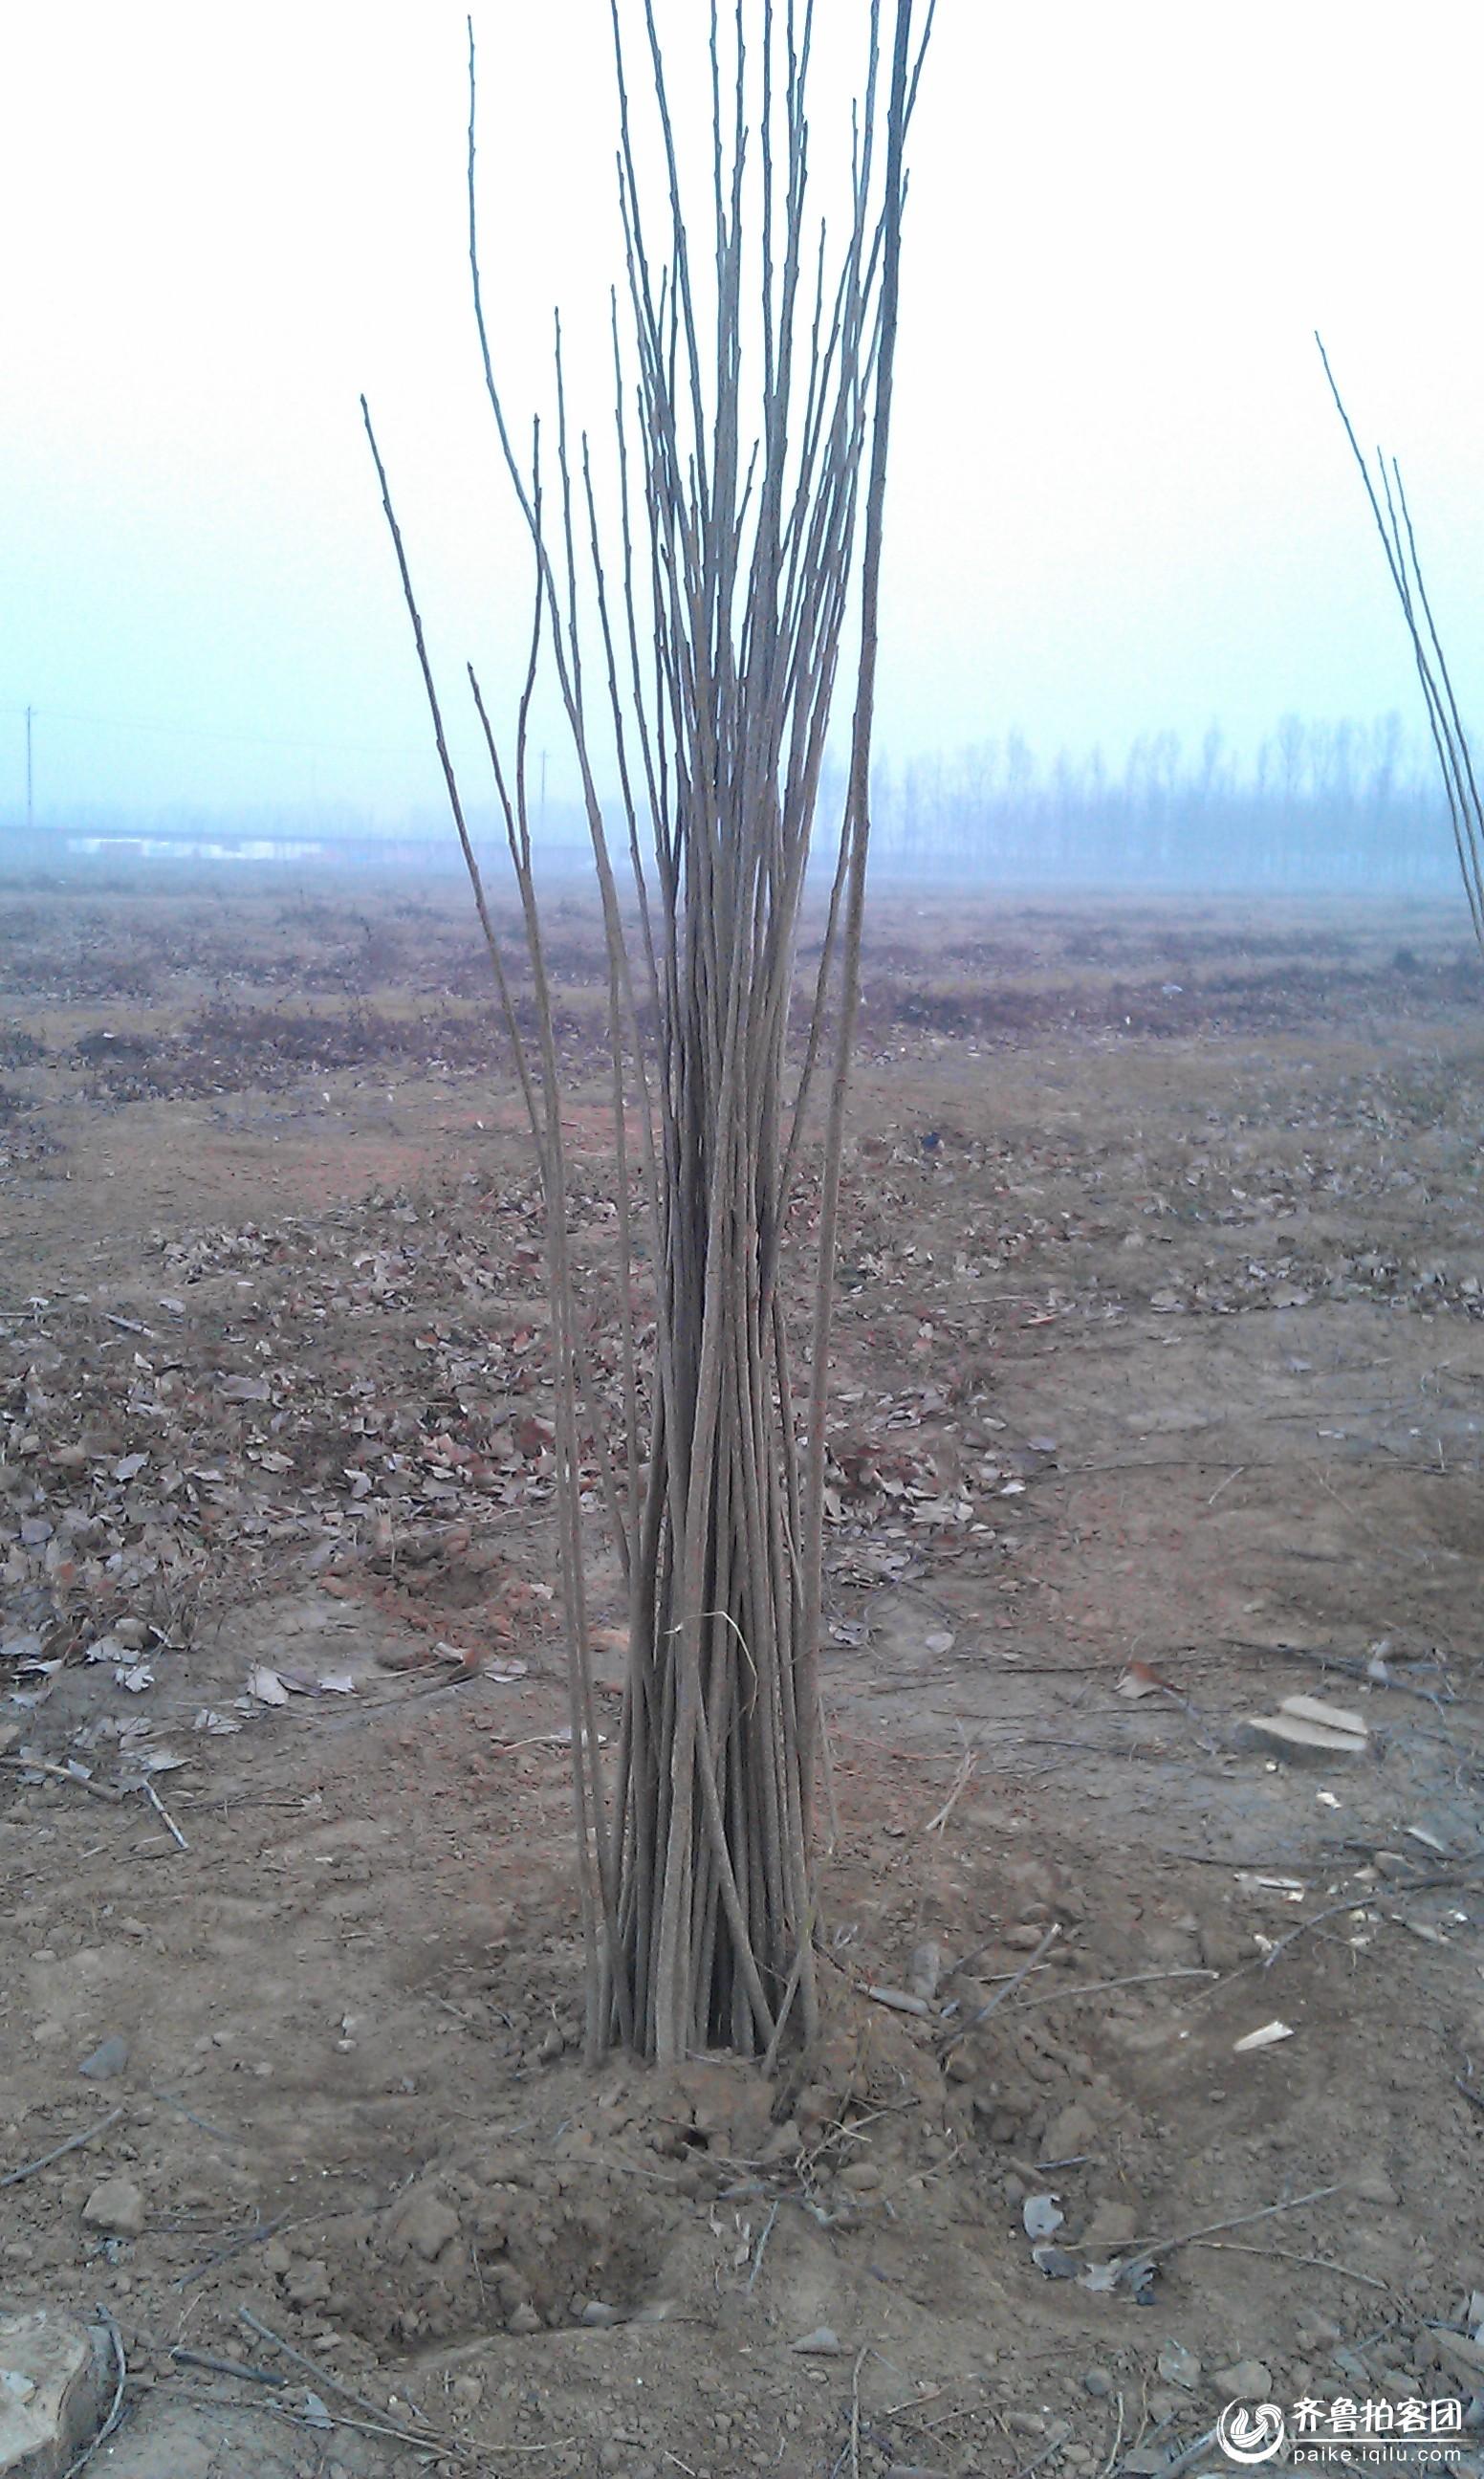 种下一捆树苗,就能长一捆大树吗?